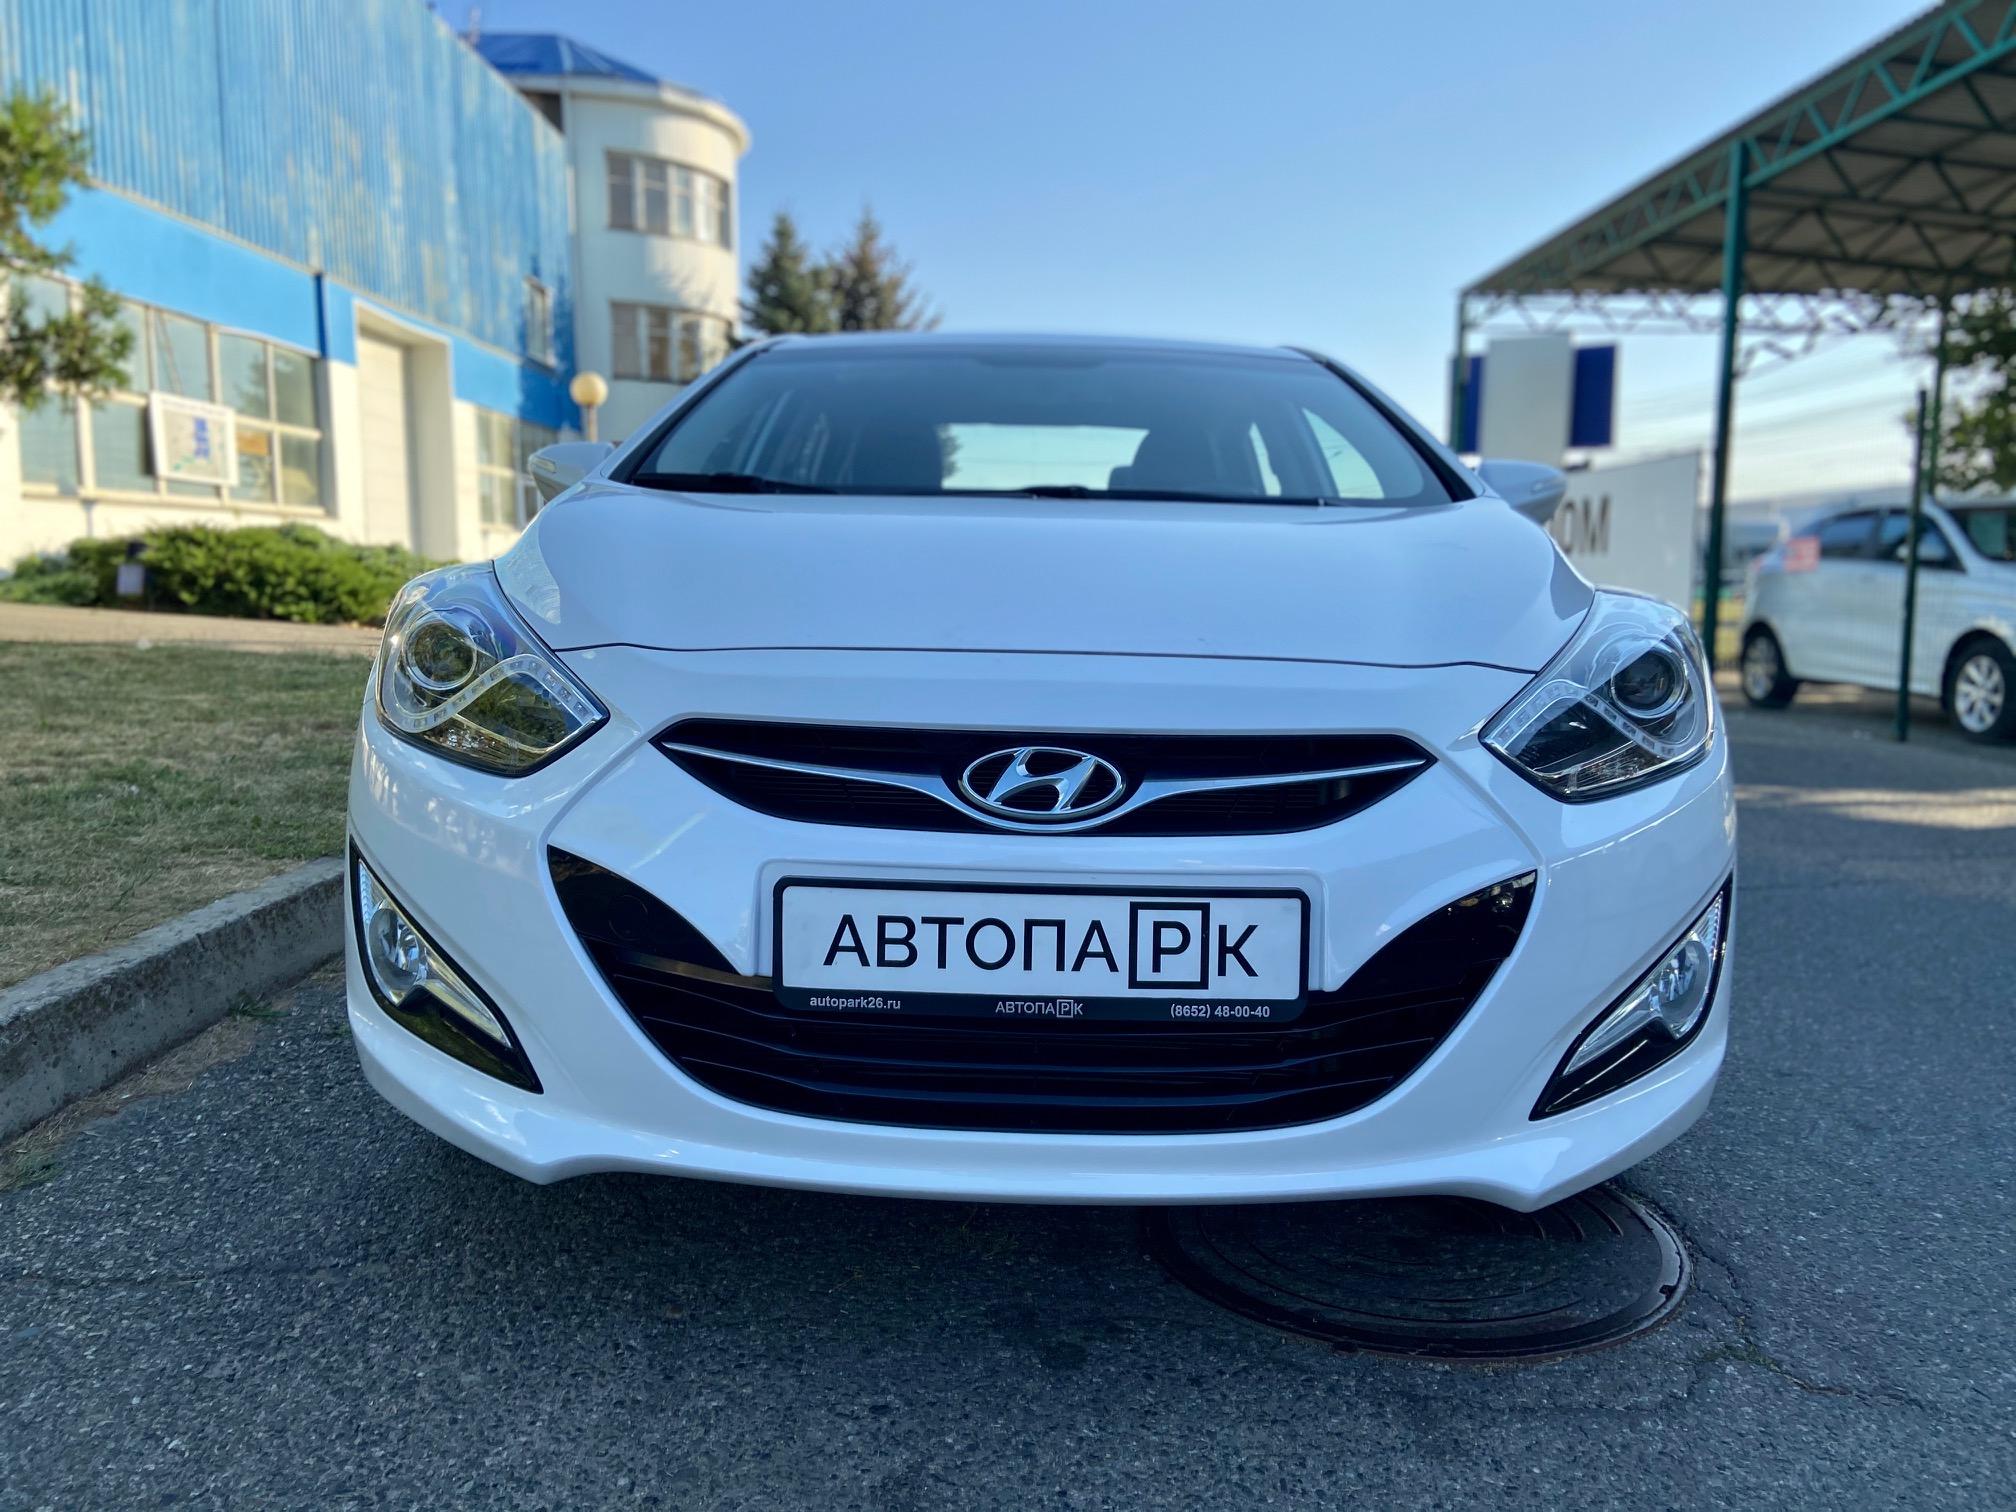 Купить Hyundai VF i40 (Белый) - Автопарк Ставрополь